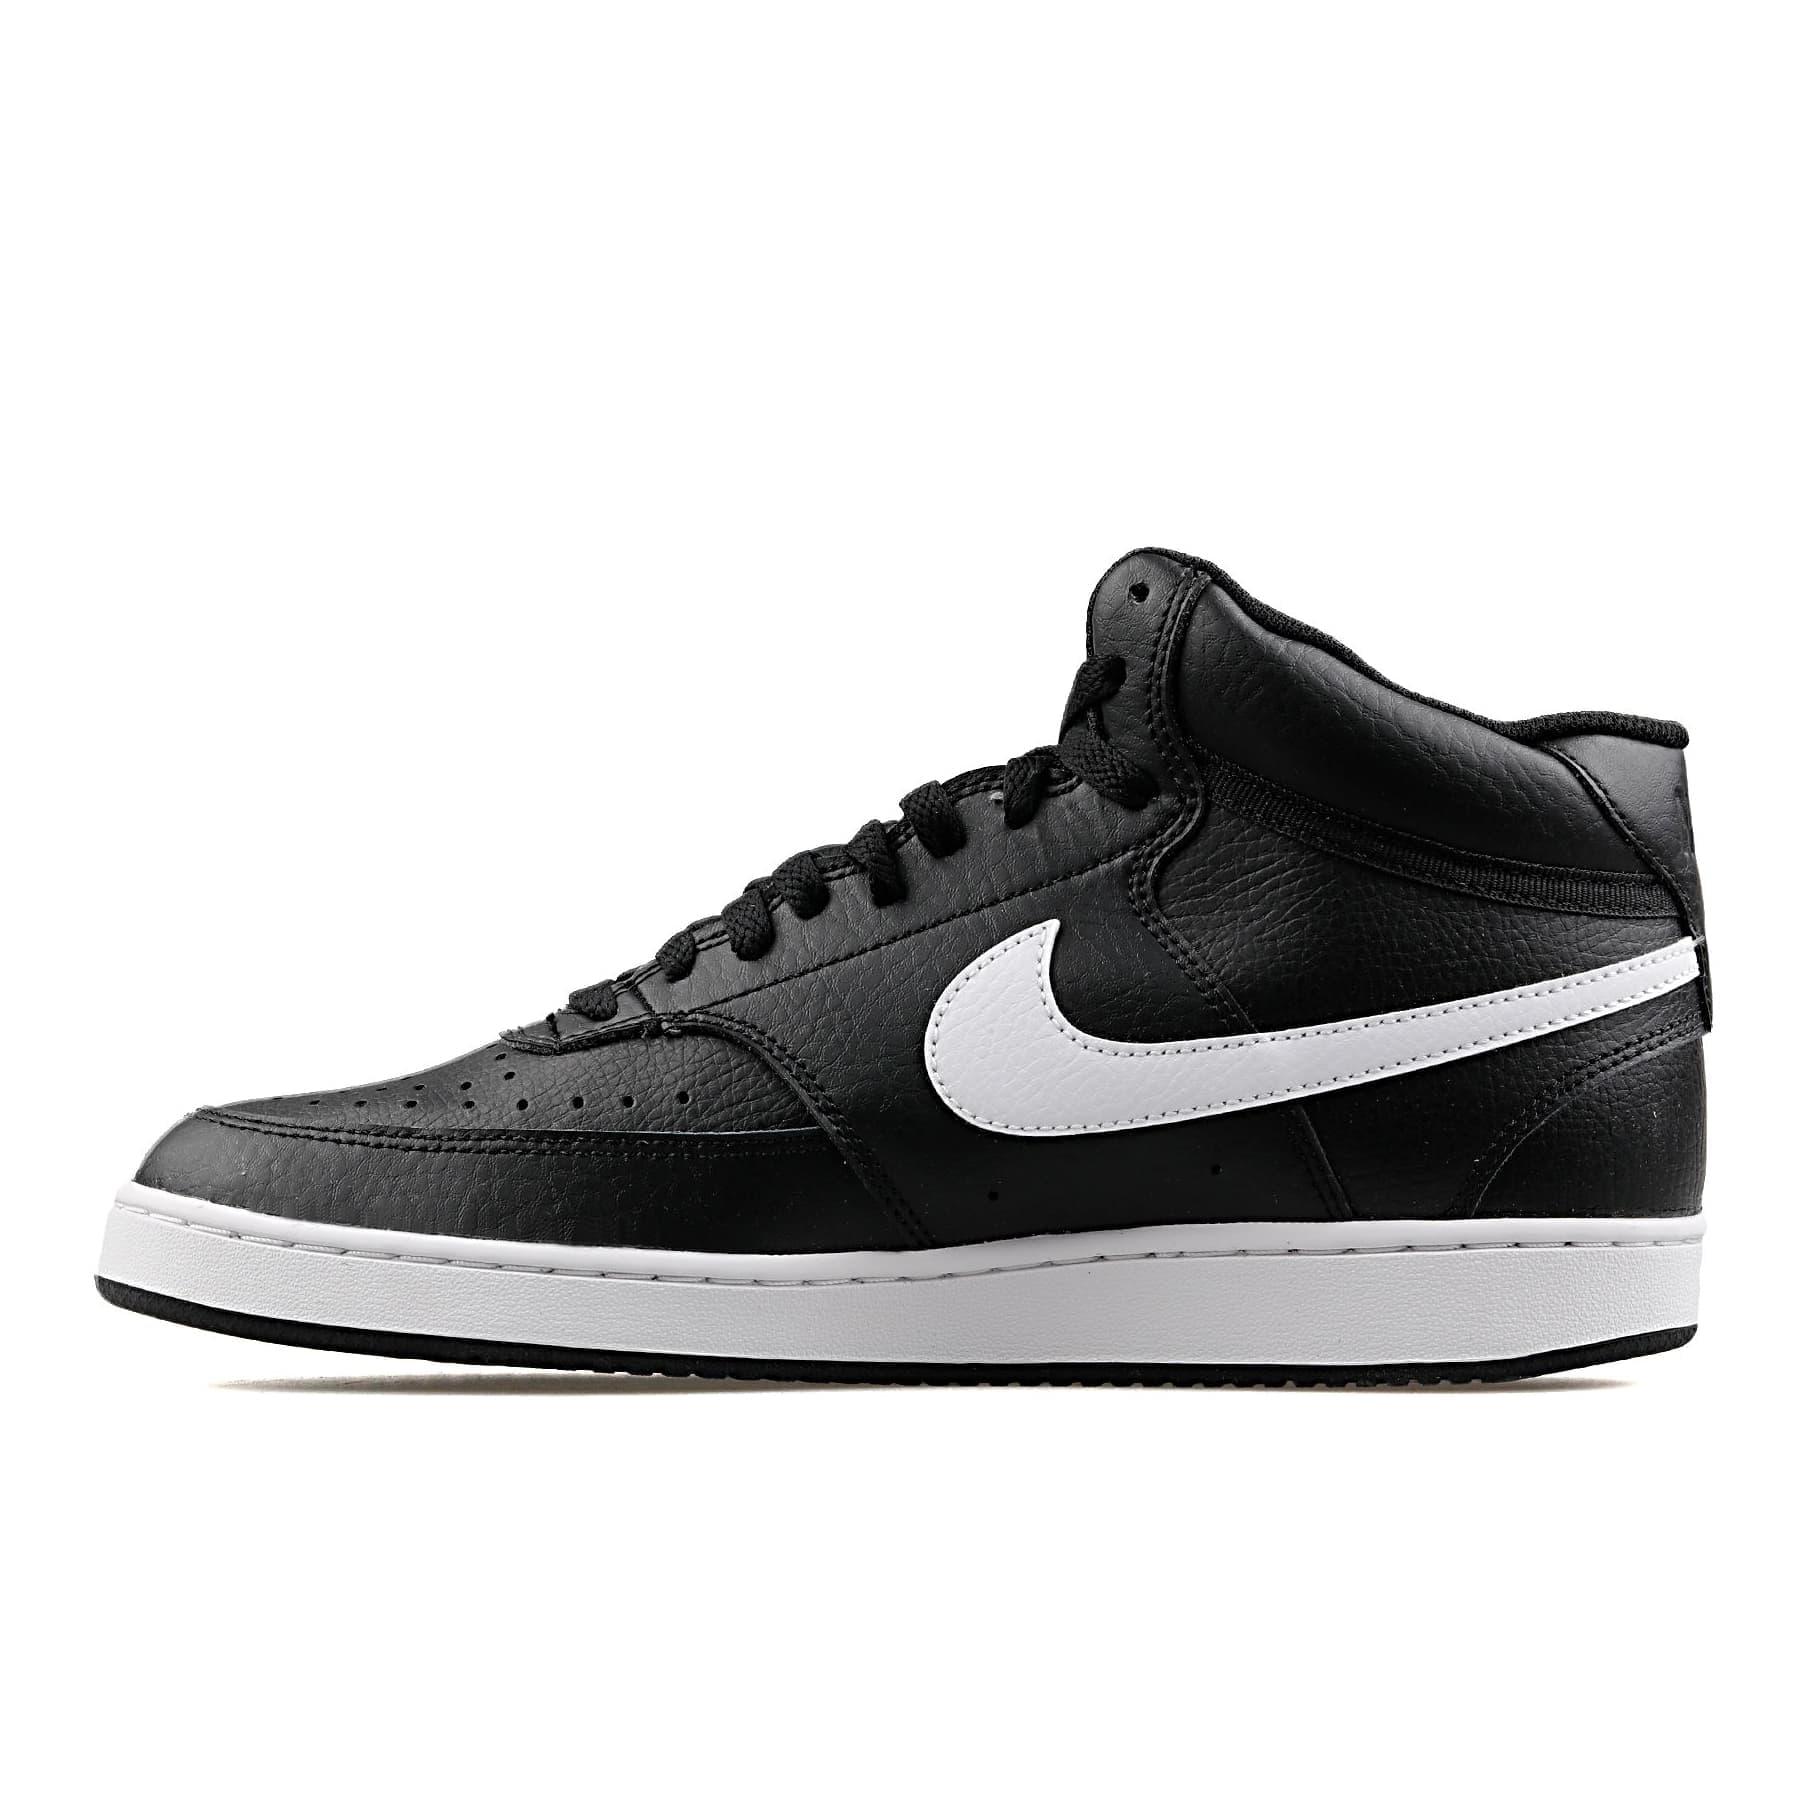 Court Vision Mid Erkek Siyah Basketbol Ayakkabısı